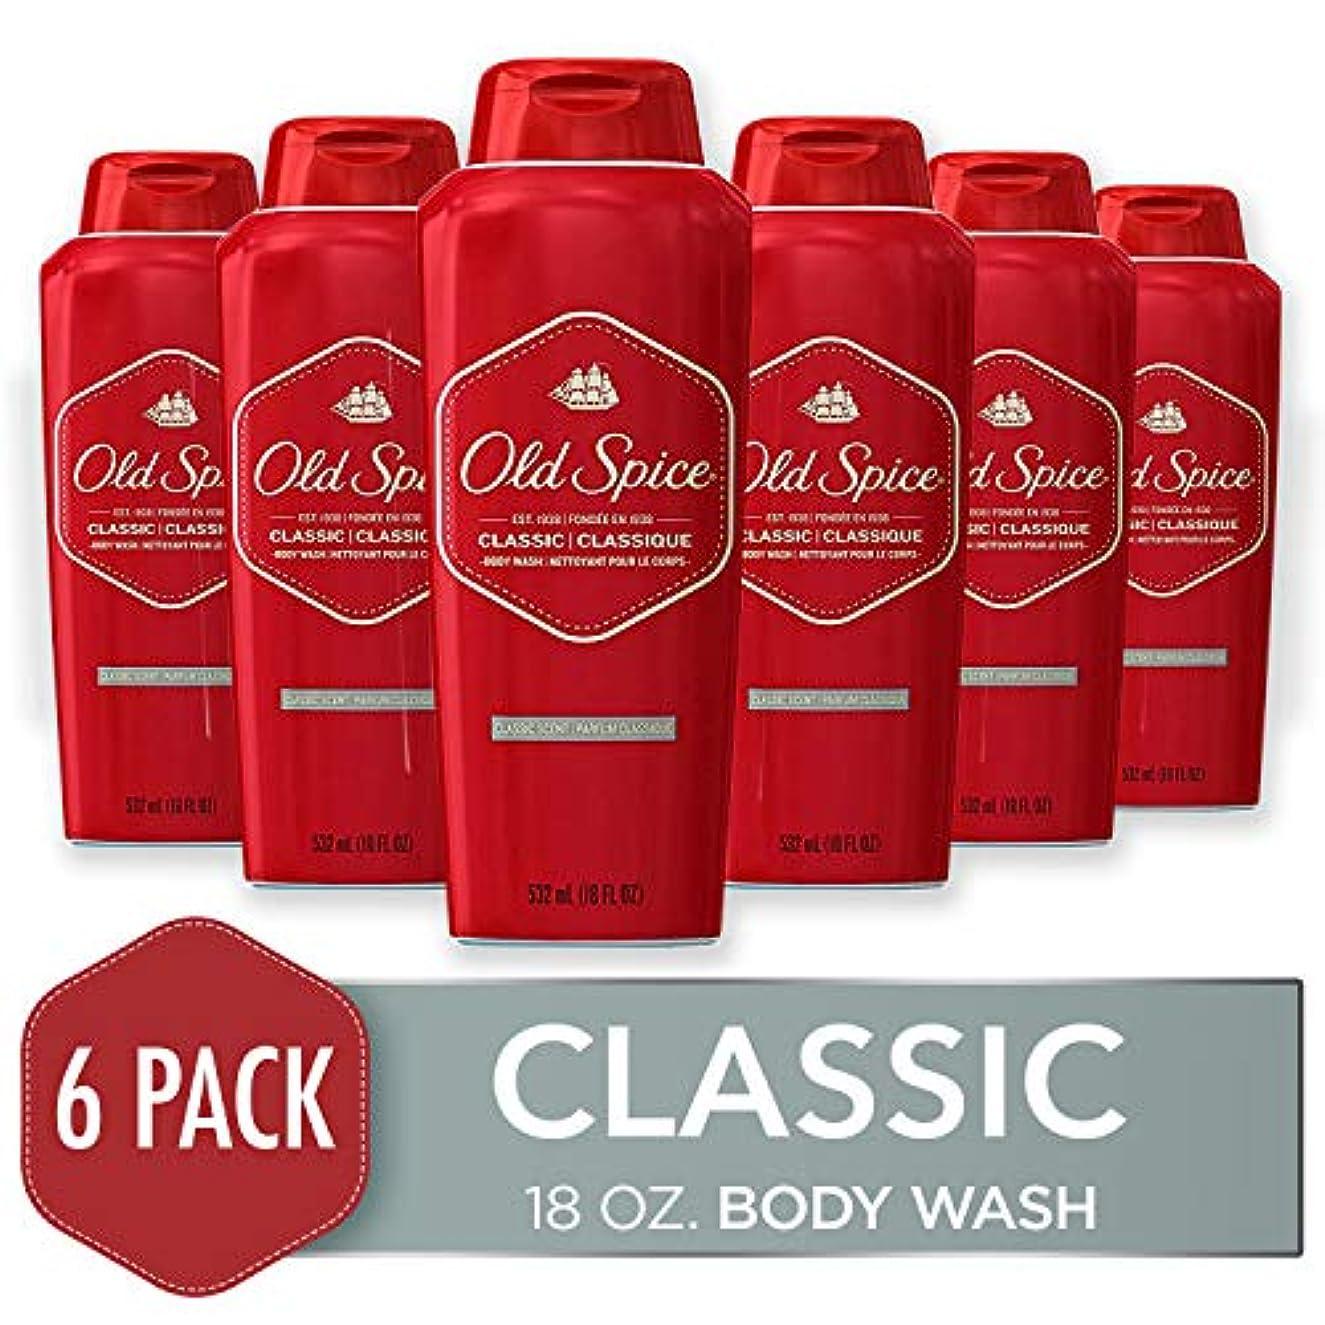 考案する変形床を掃除するOld Spice Body Wash Classic Scent 535 ml (Pack of 6) (並行輸入品)